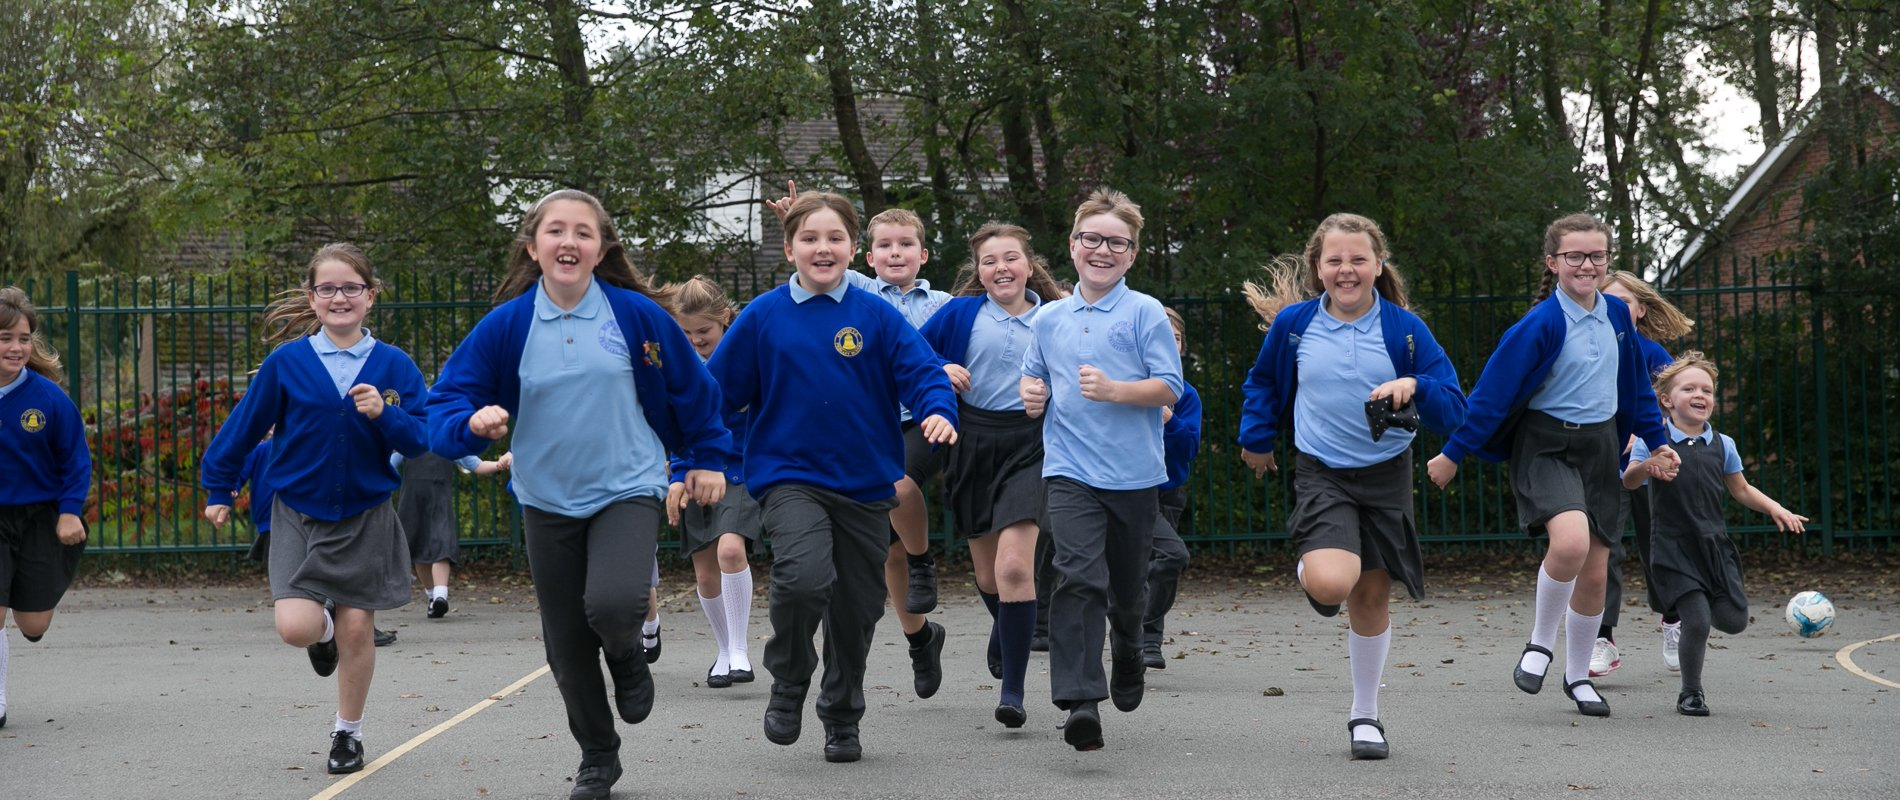 Welcome to Euxton C.E. Primary School